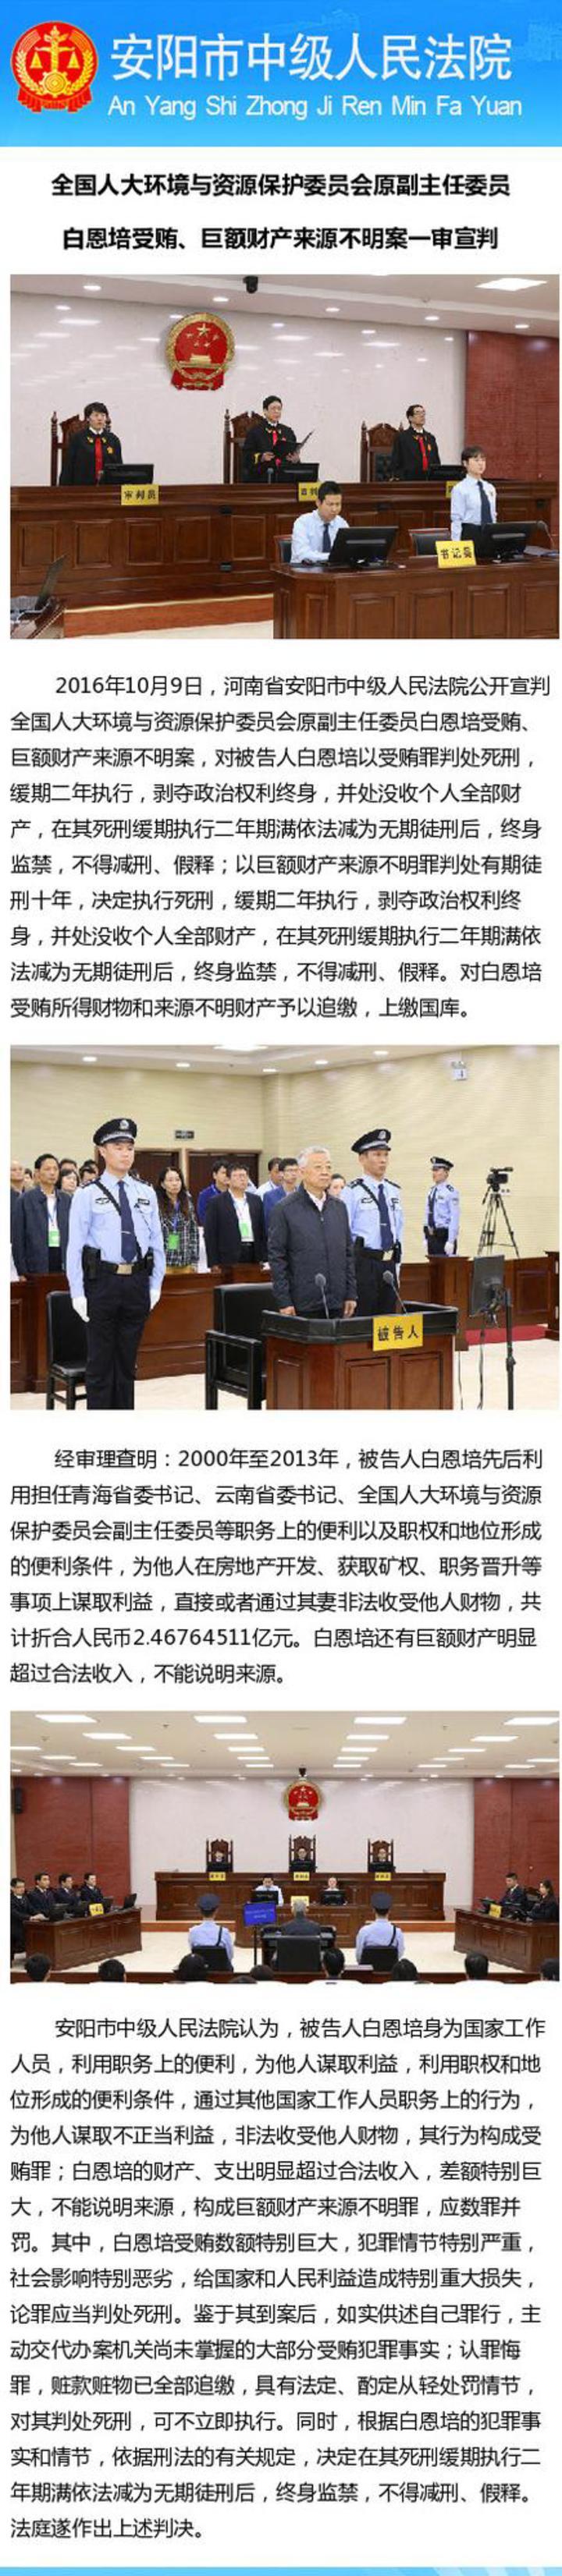 河南省安陽市中級人民法院微博截圖。